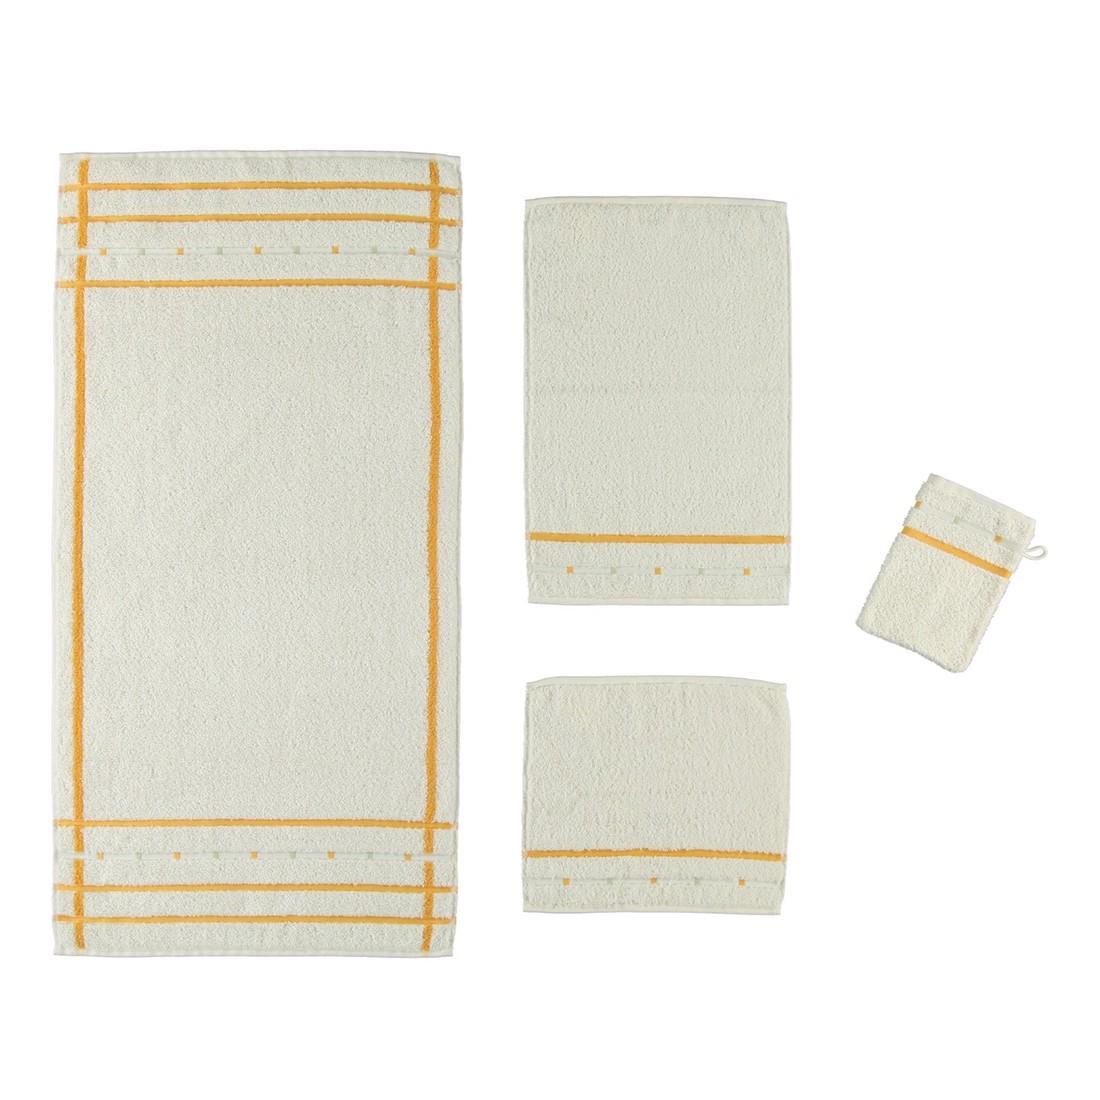 Handtuch Quadrati – 100% Baumwolle ivory/Melon- 004 – Gästetuch: 30 x 50 cm, Vossen bestellen